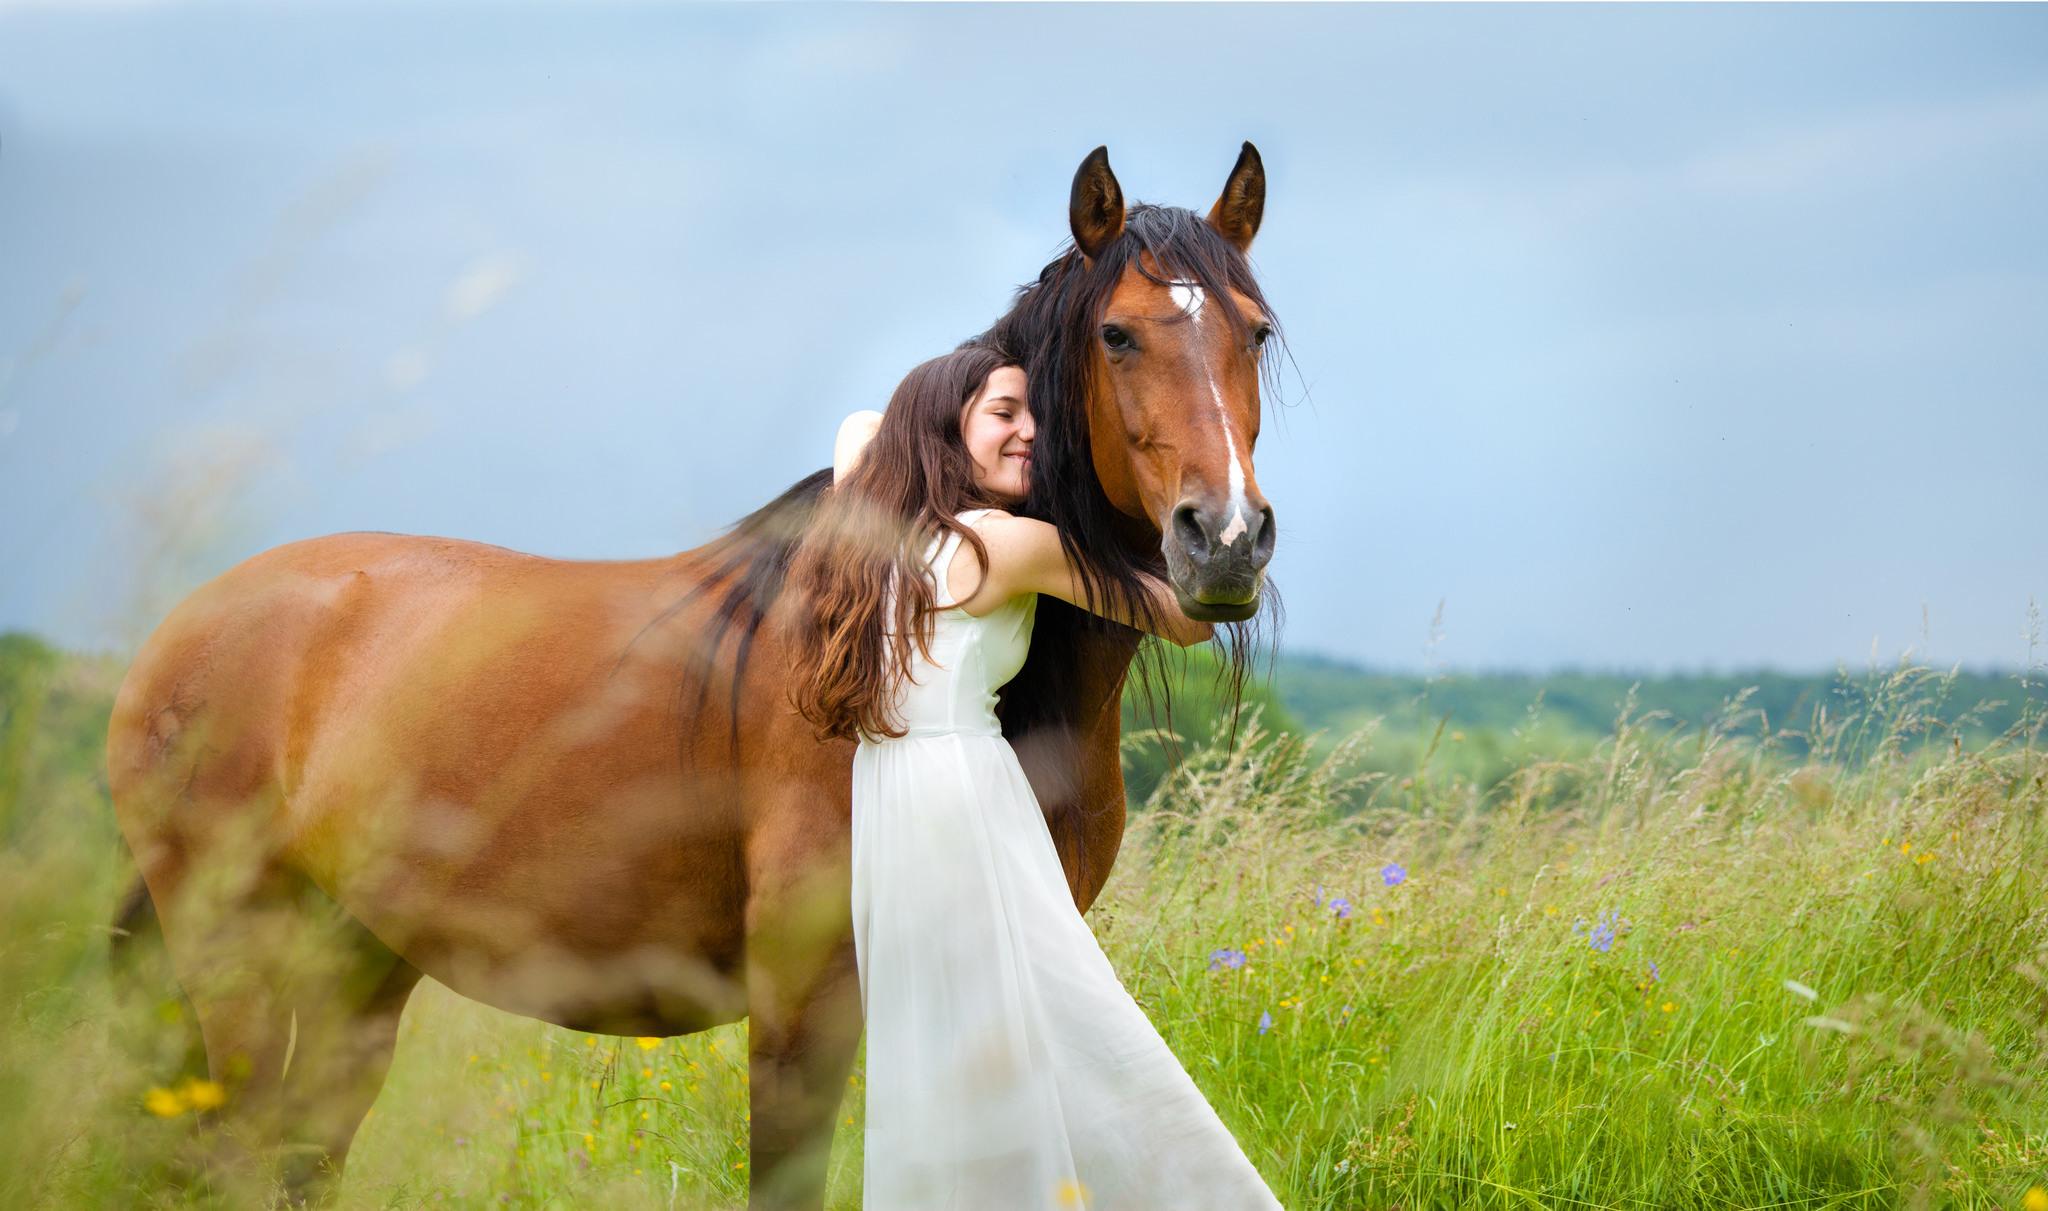 Картинки человека и лошади